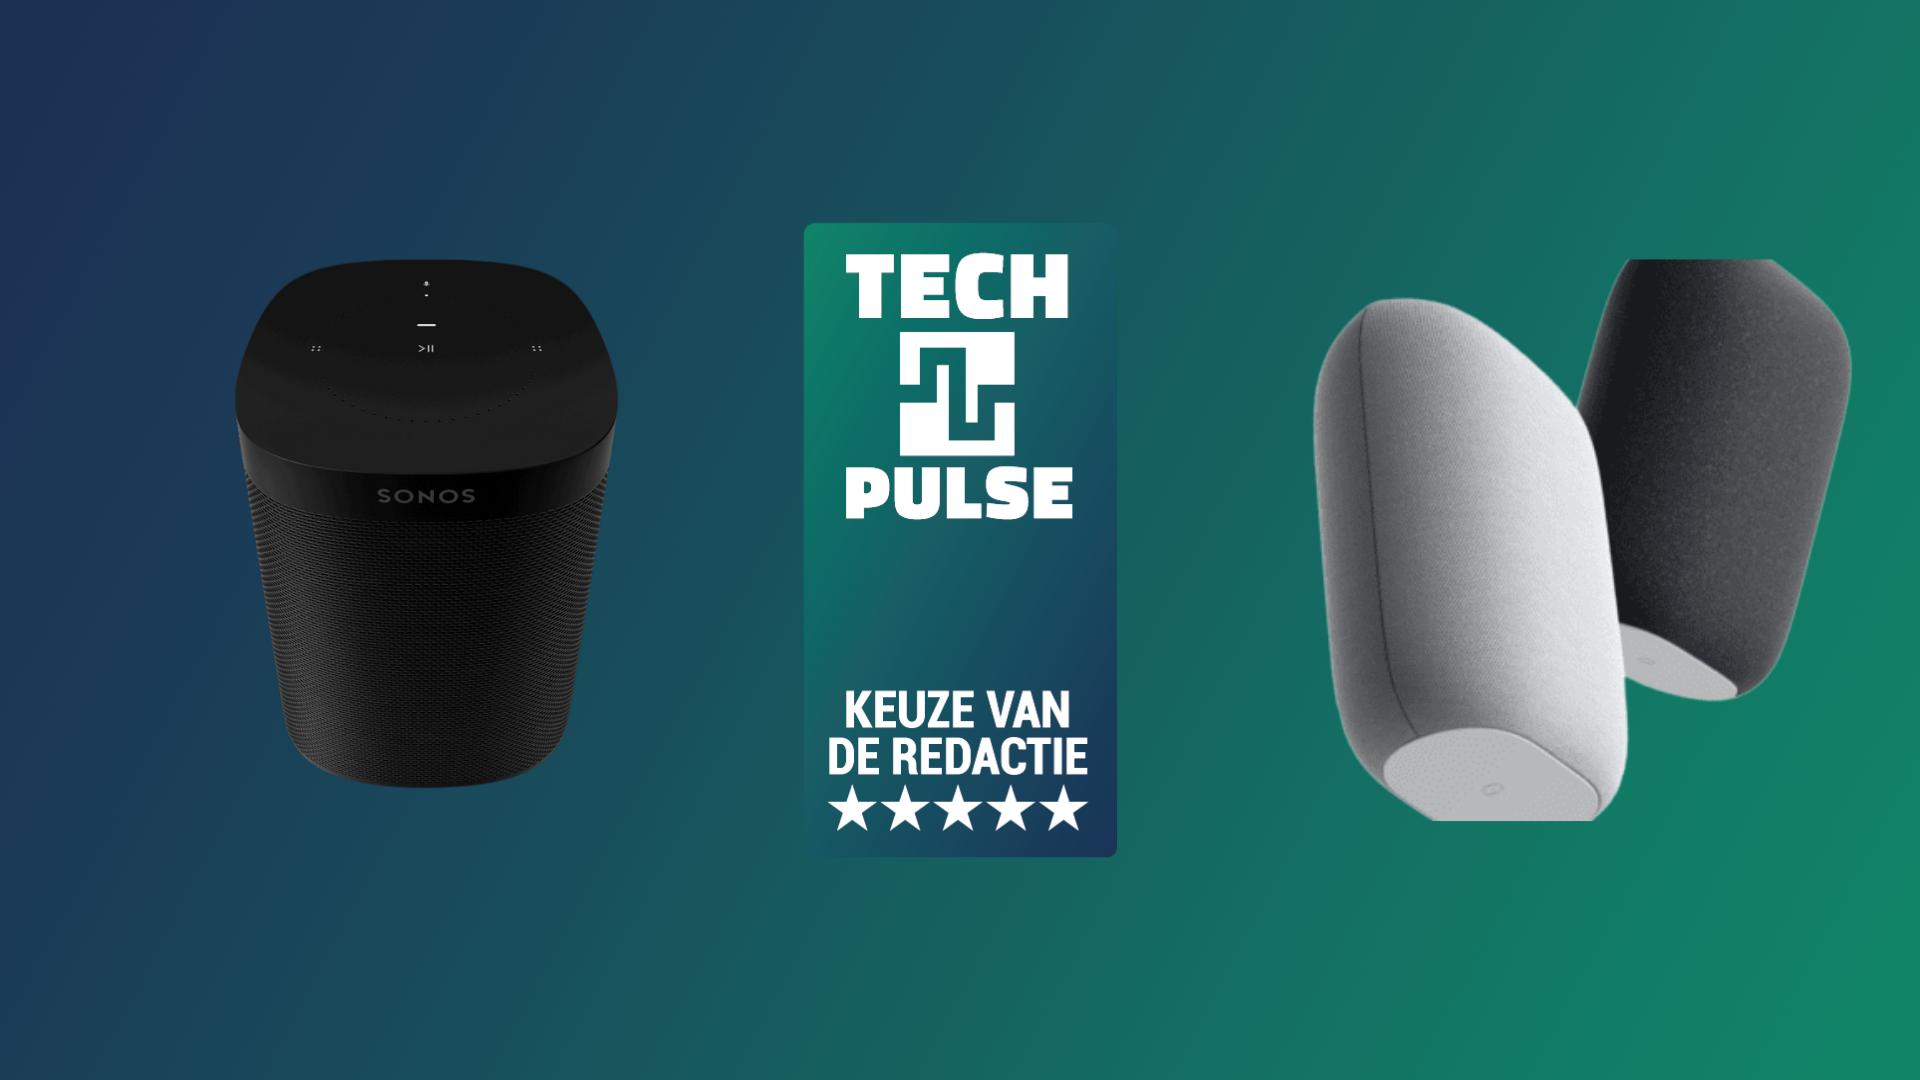 6 beste smart speakers in 2021: daar zit muziek in